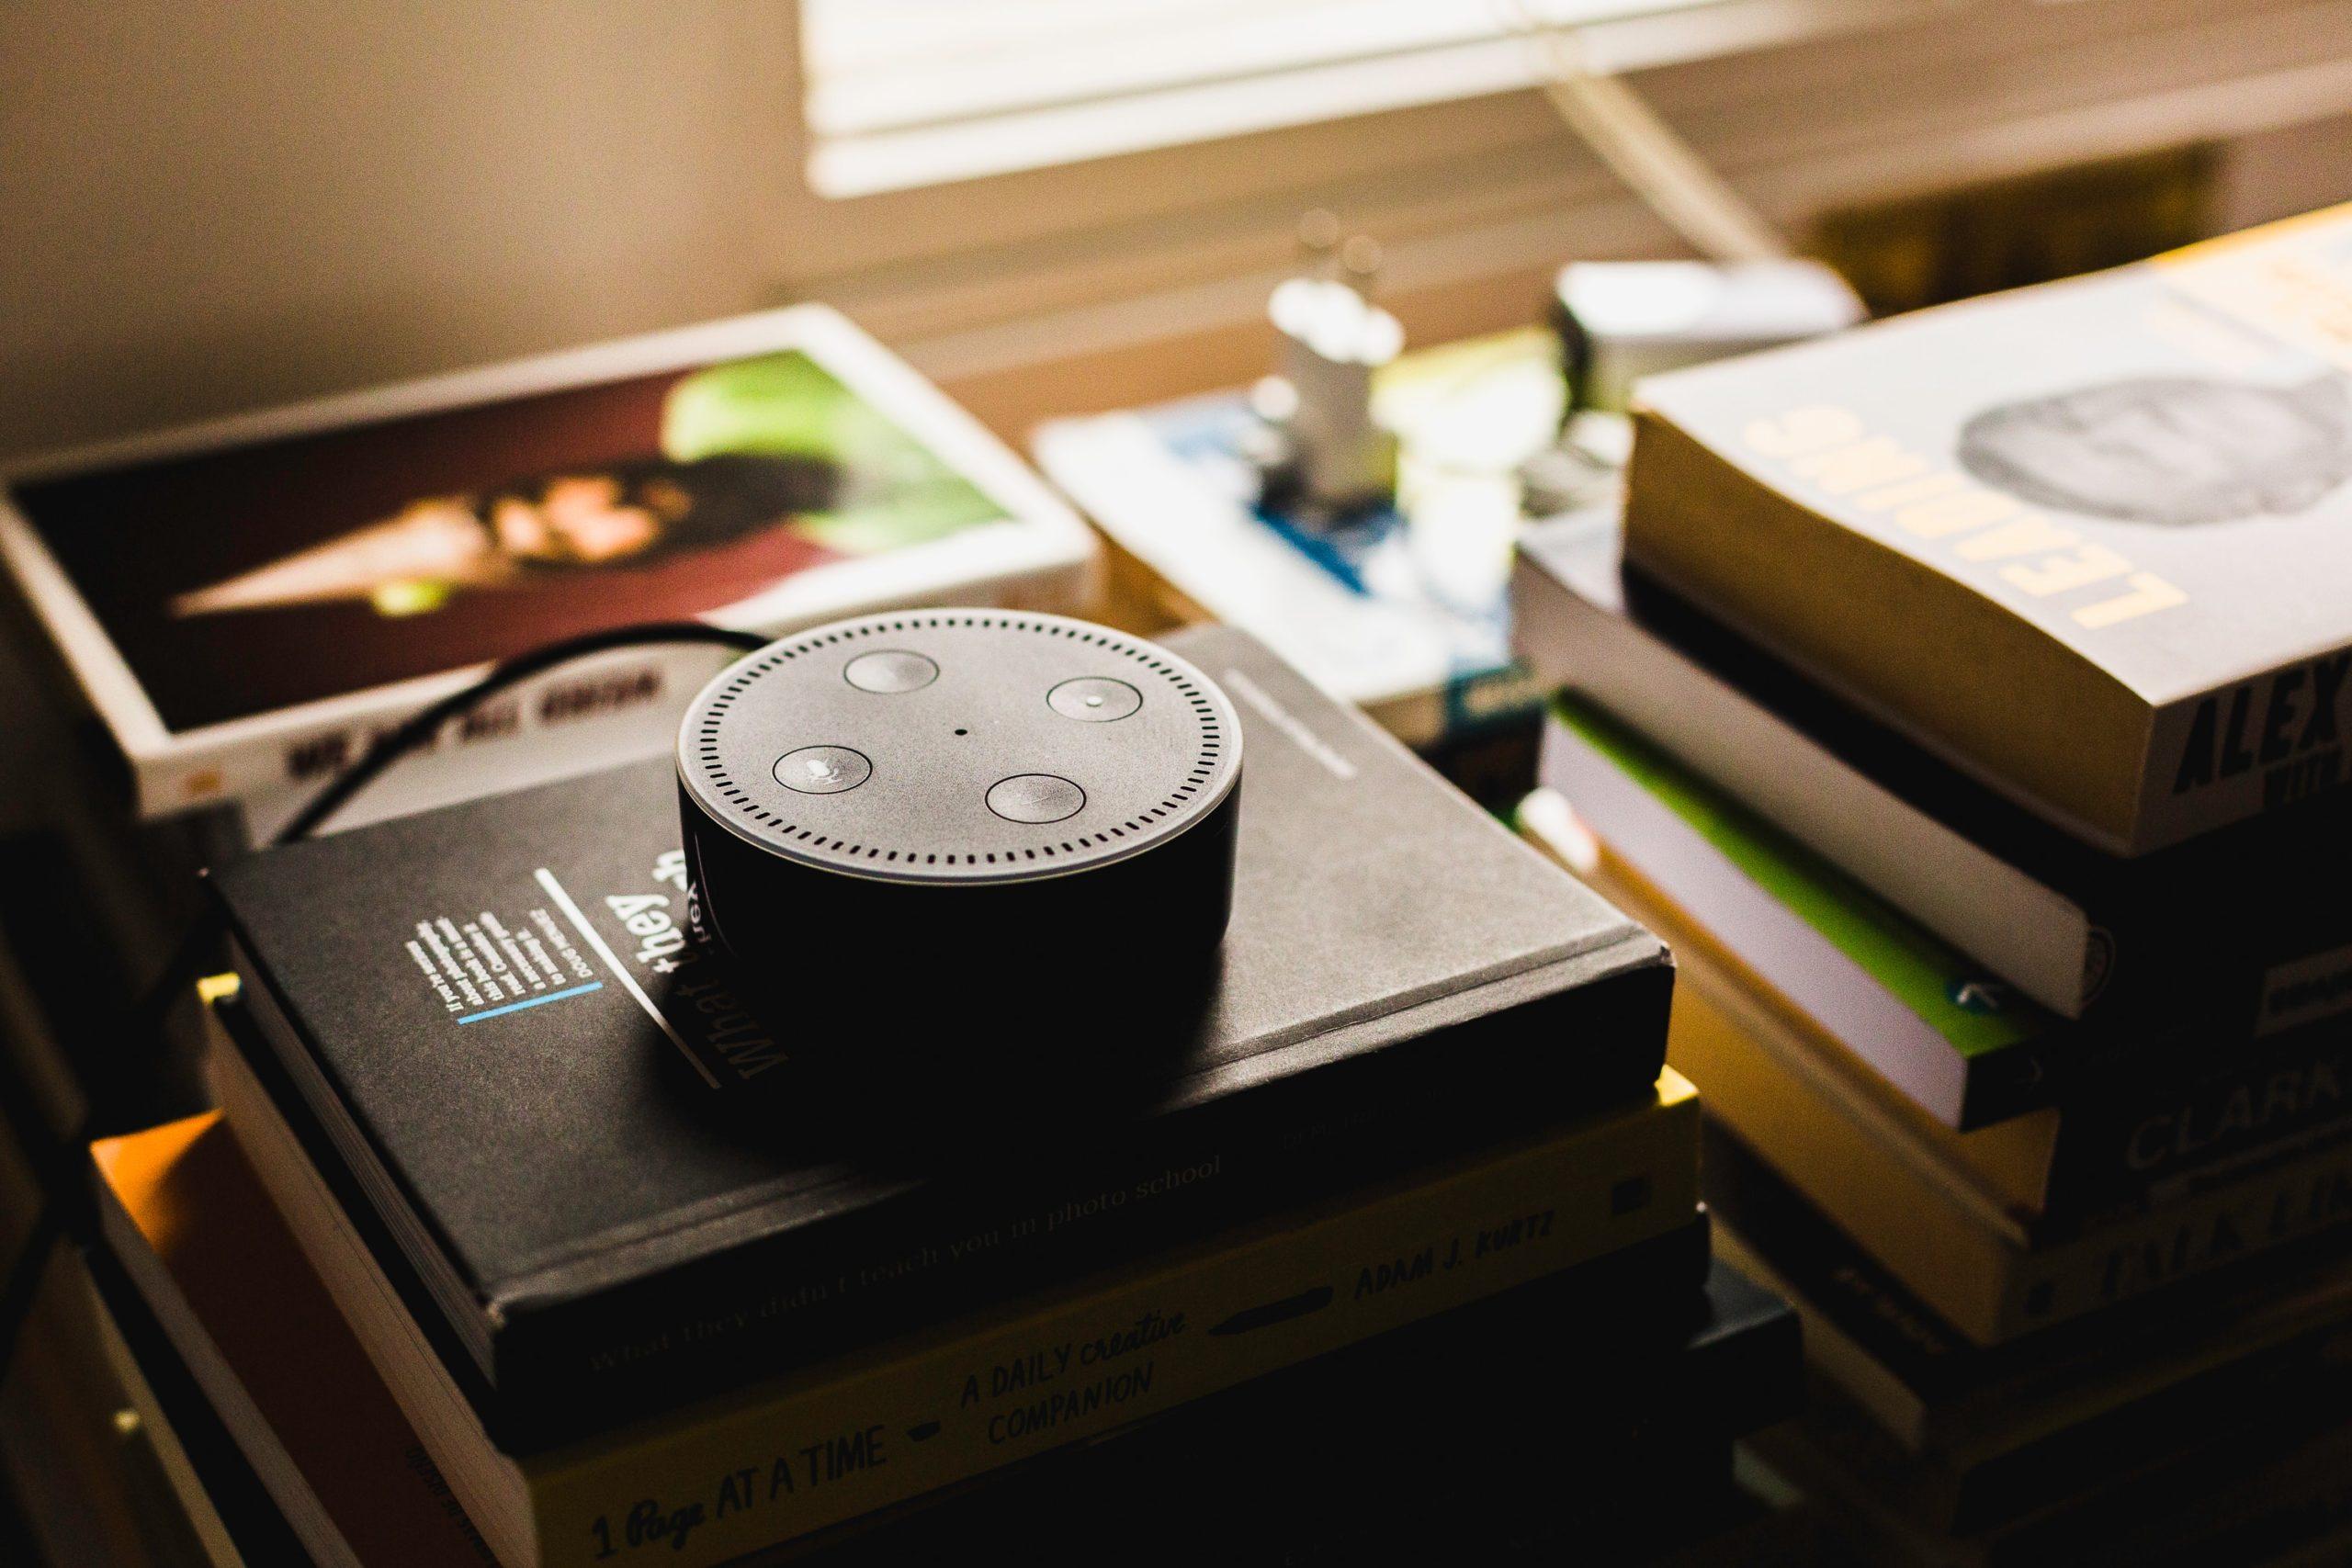 Mit Echo Dot können die User interagieren